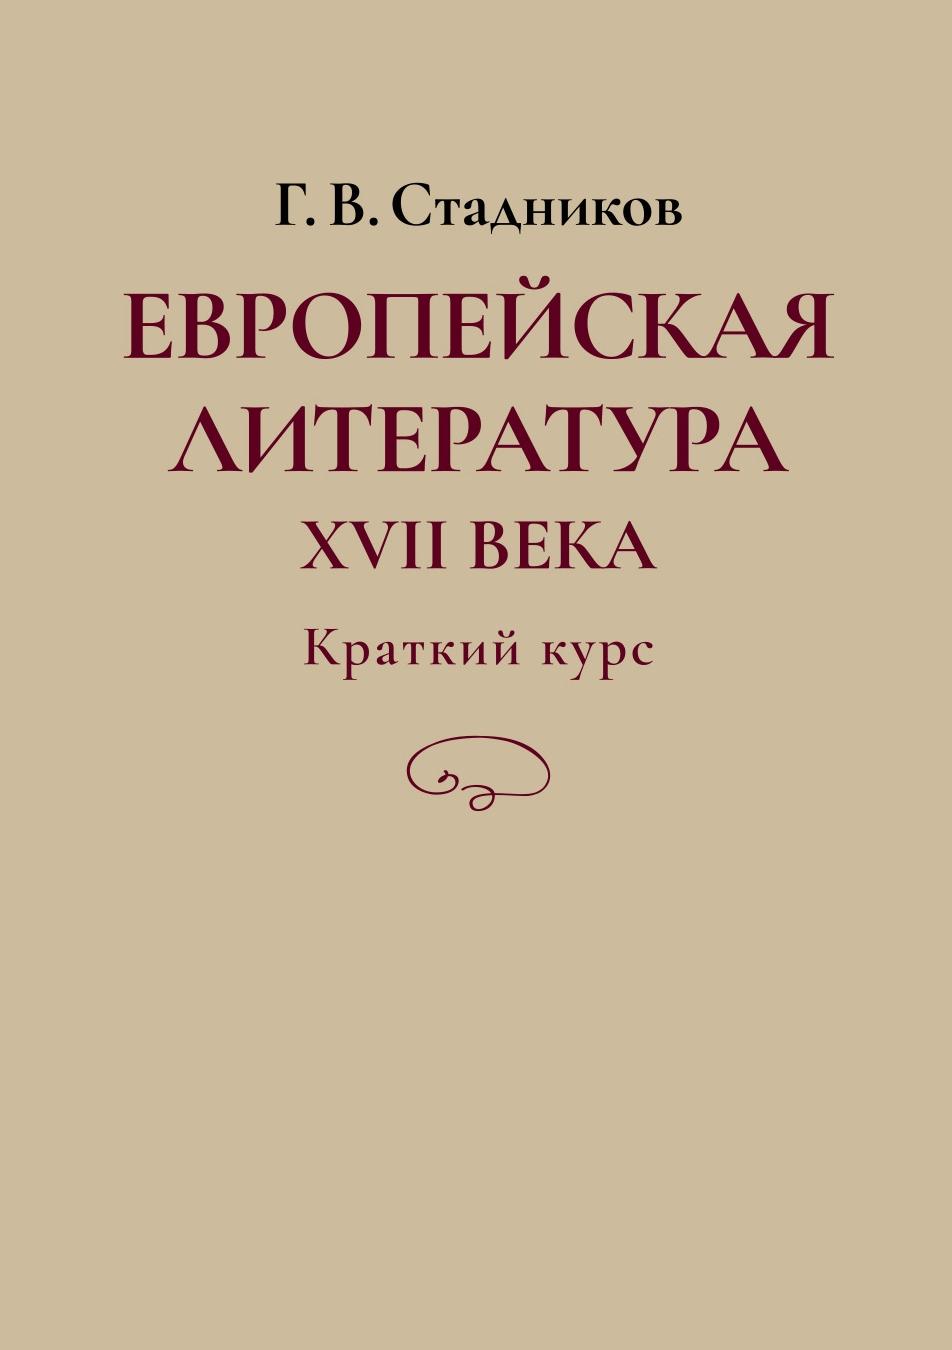 Стадников Г. В. Европейская литература XVII века. Краткий курс. Издательство РХГА